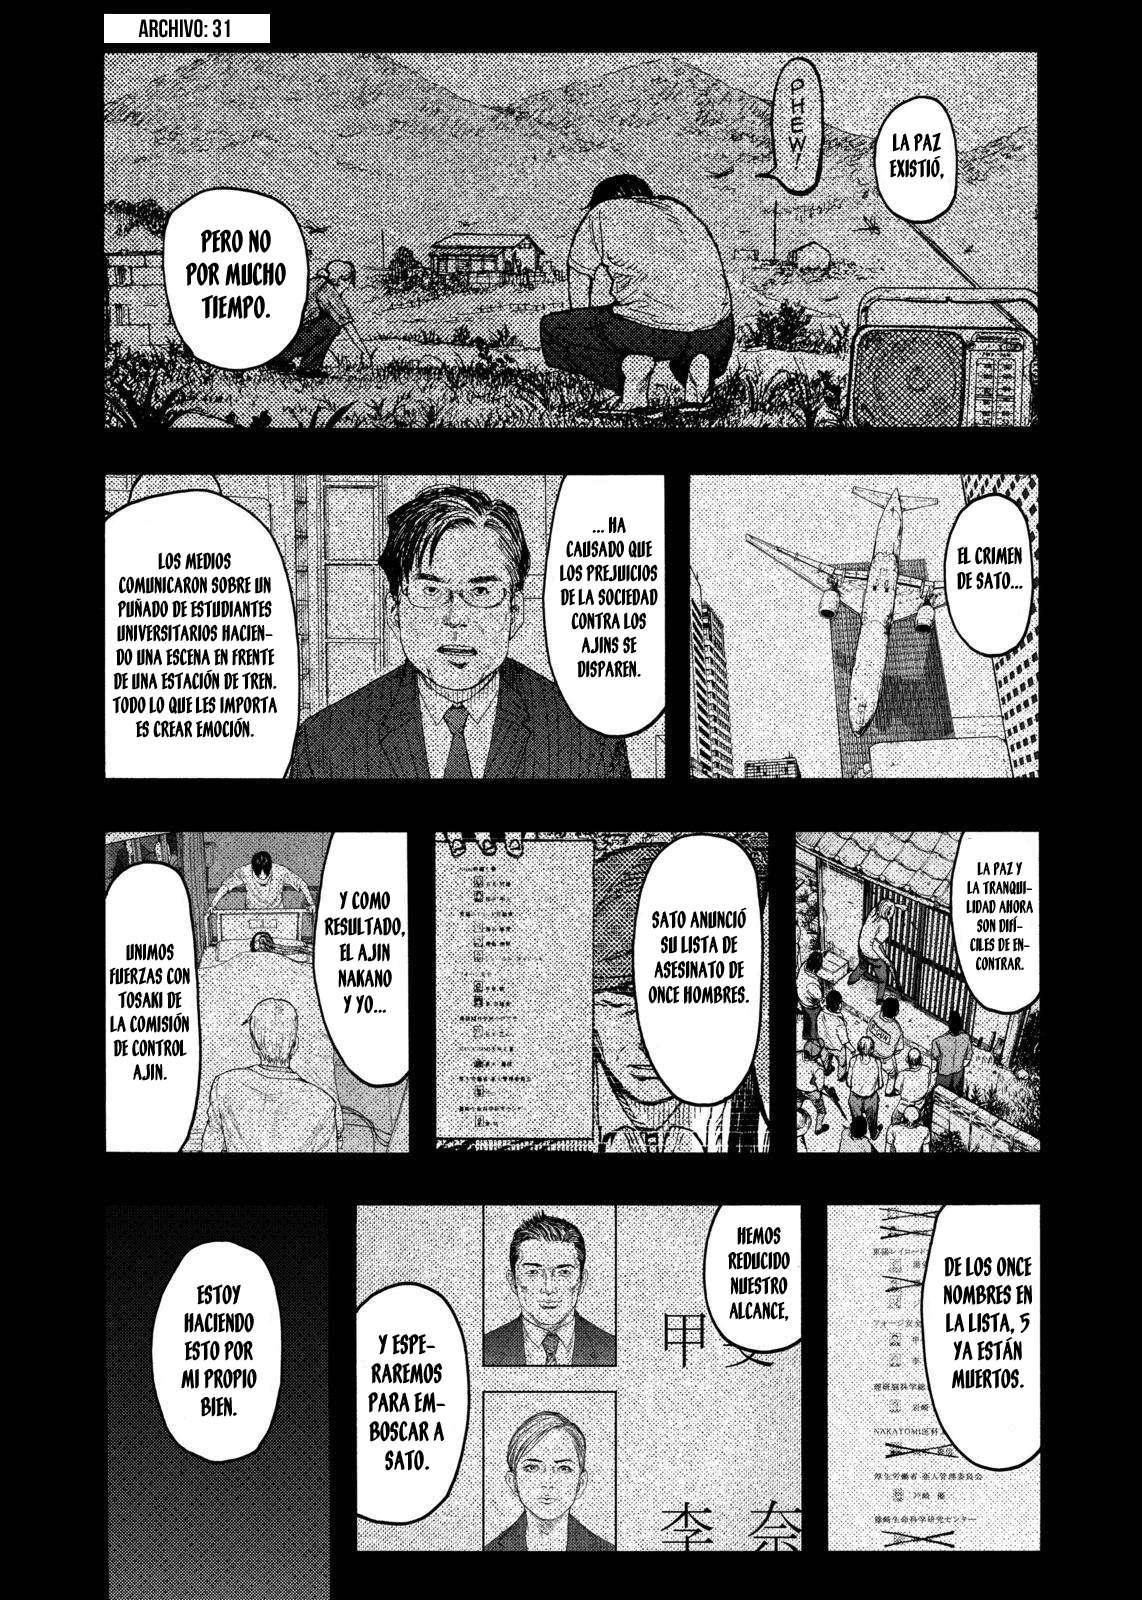 https://c5.ninemanga.com/es_manga/33/14177/391808/37ded539a8dbac1aa4b5dc87b7b40556.jpg Page 2